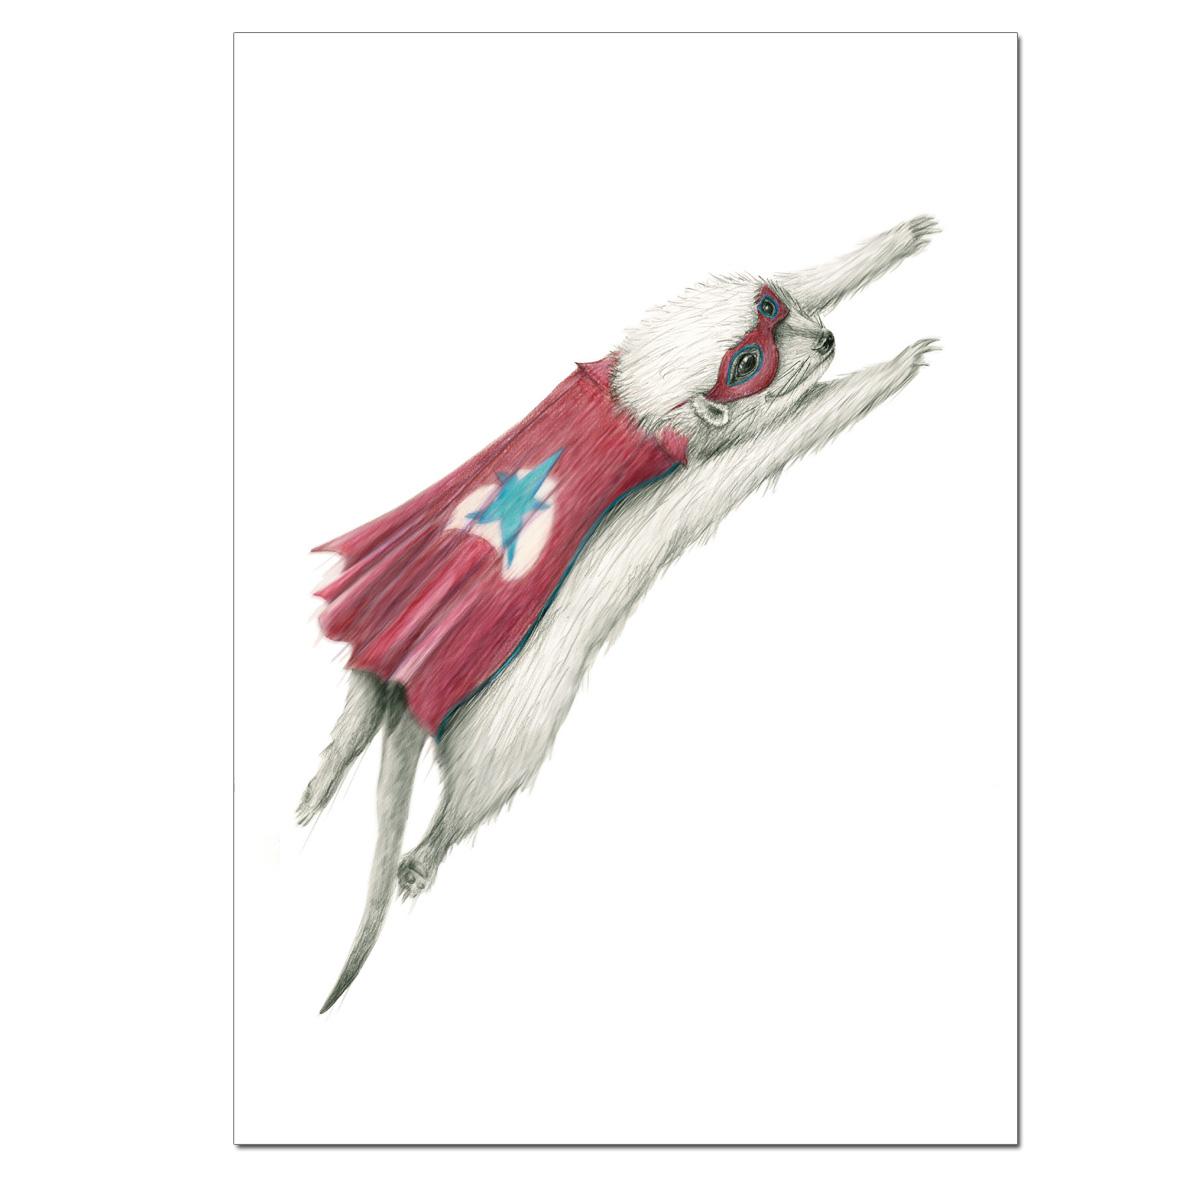 Meerkat Fly